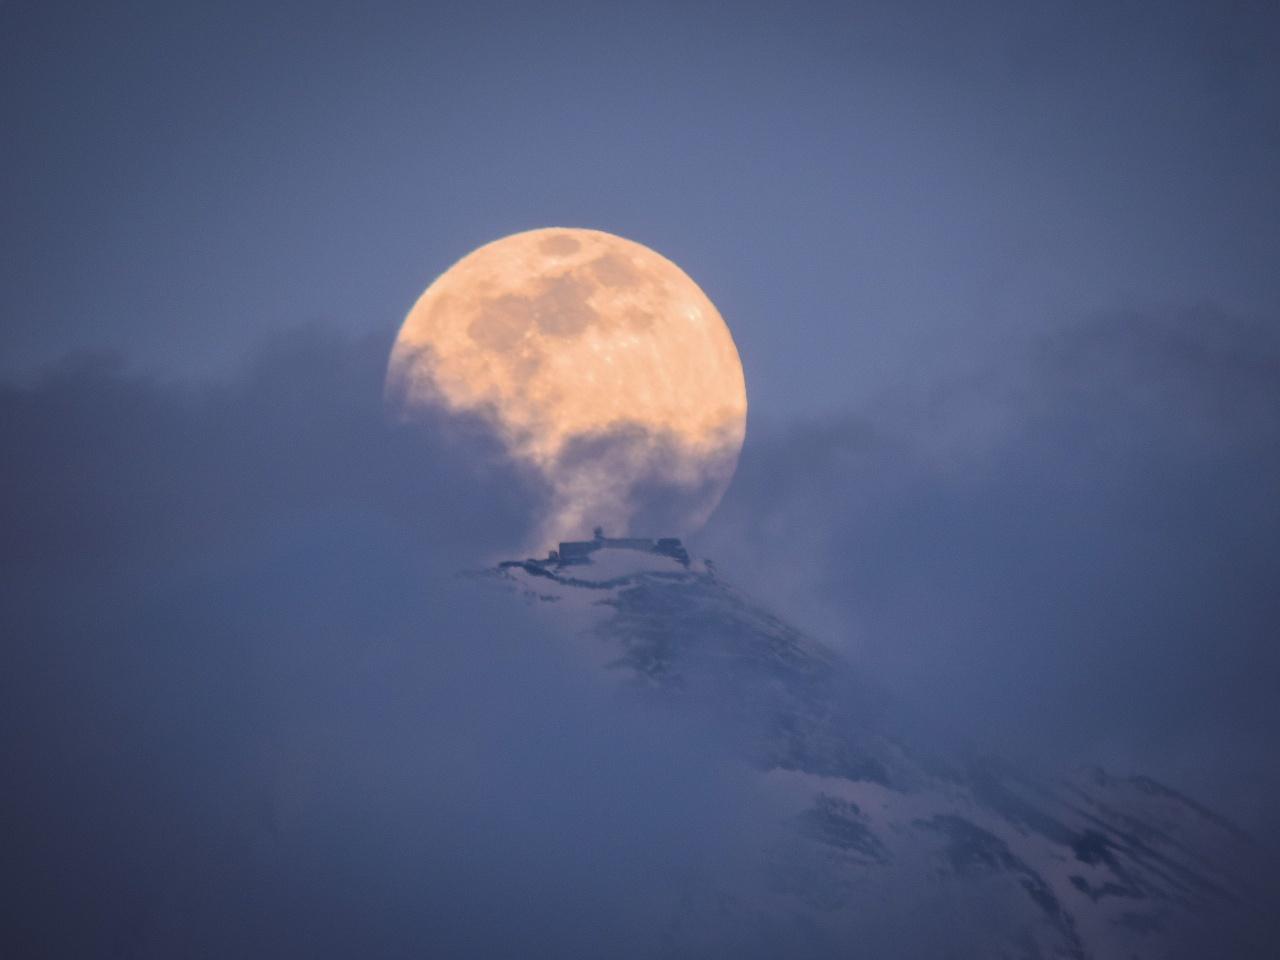 2020.2.8雲間のパール富士(内野発電所)_e0321032_14472257.jpg